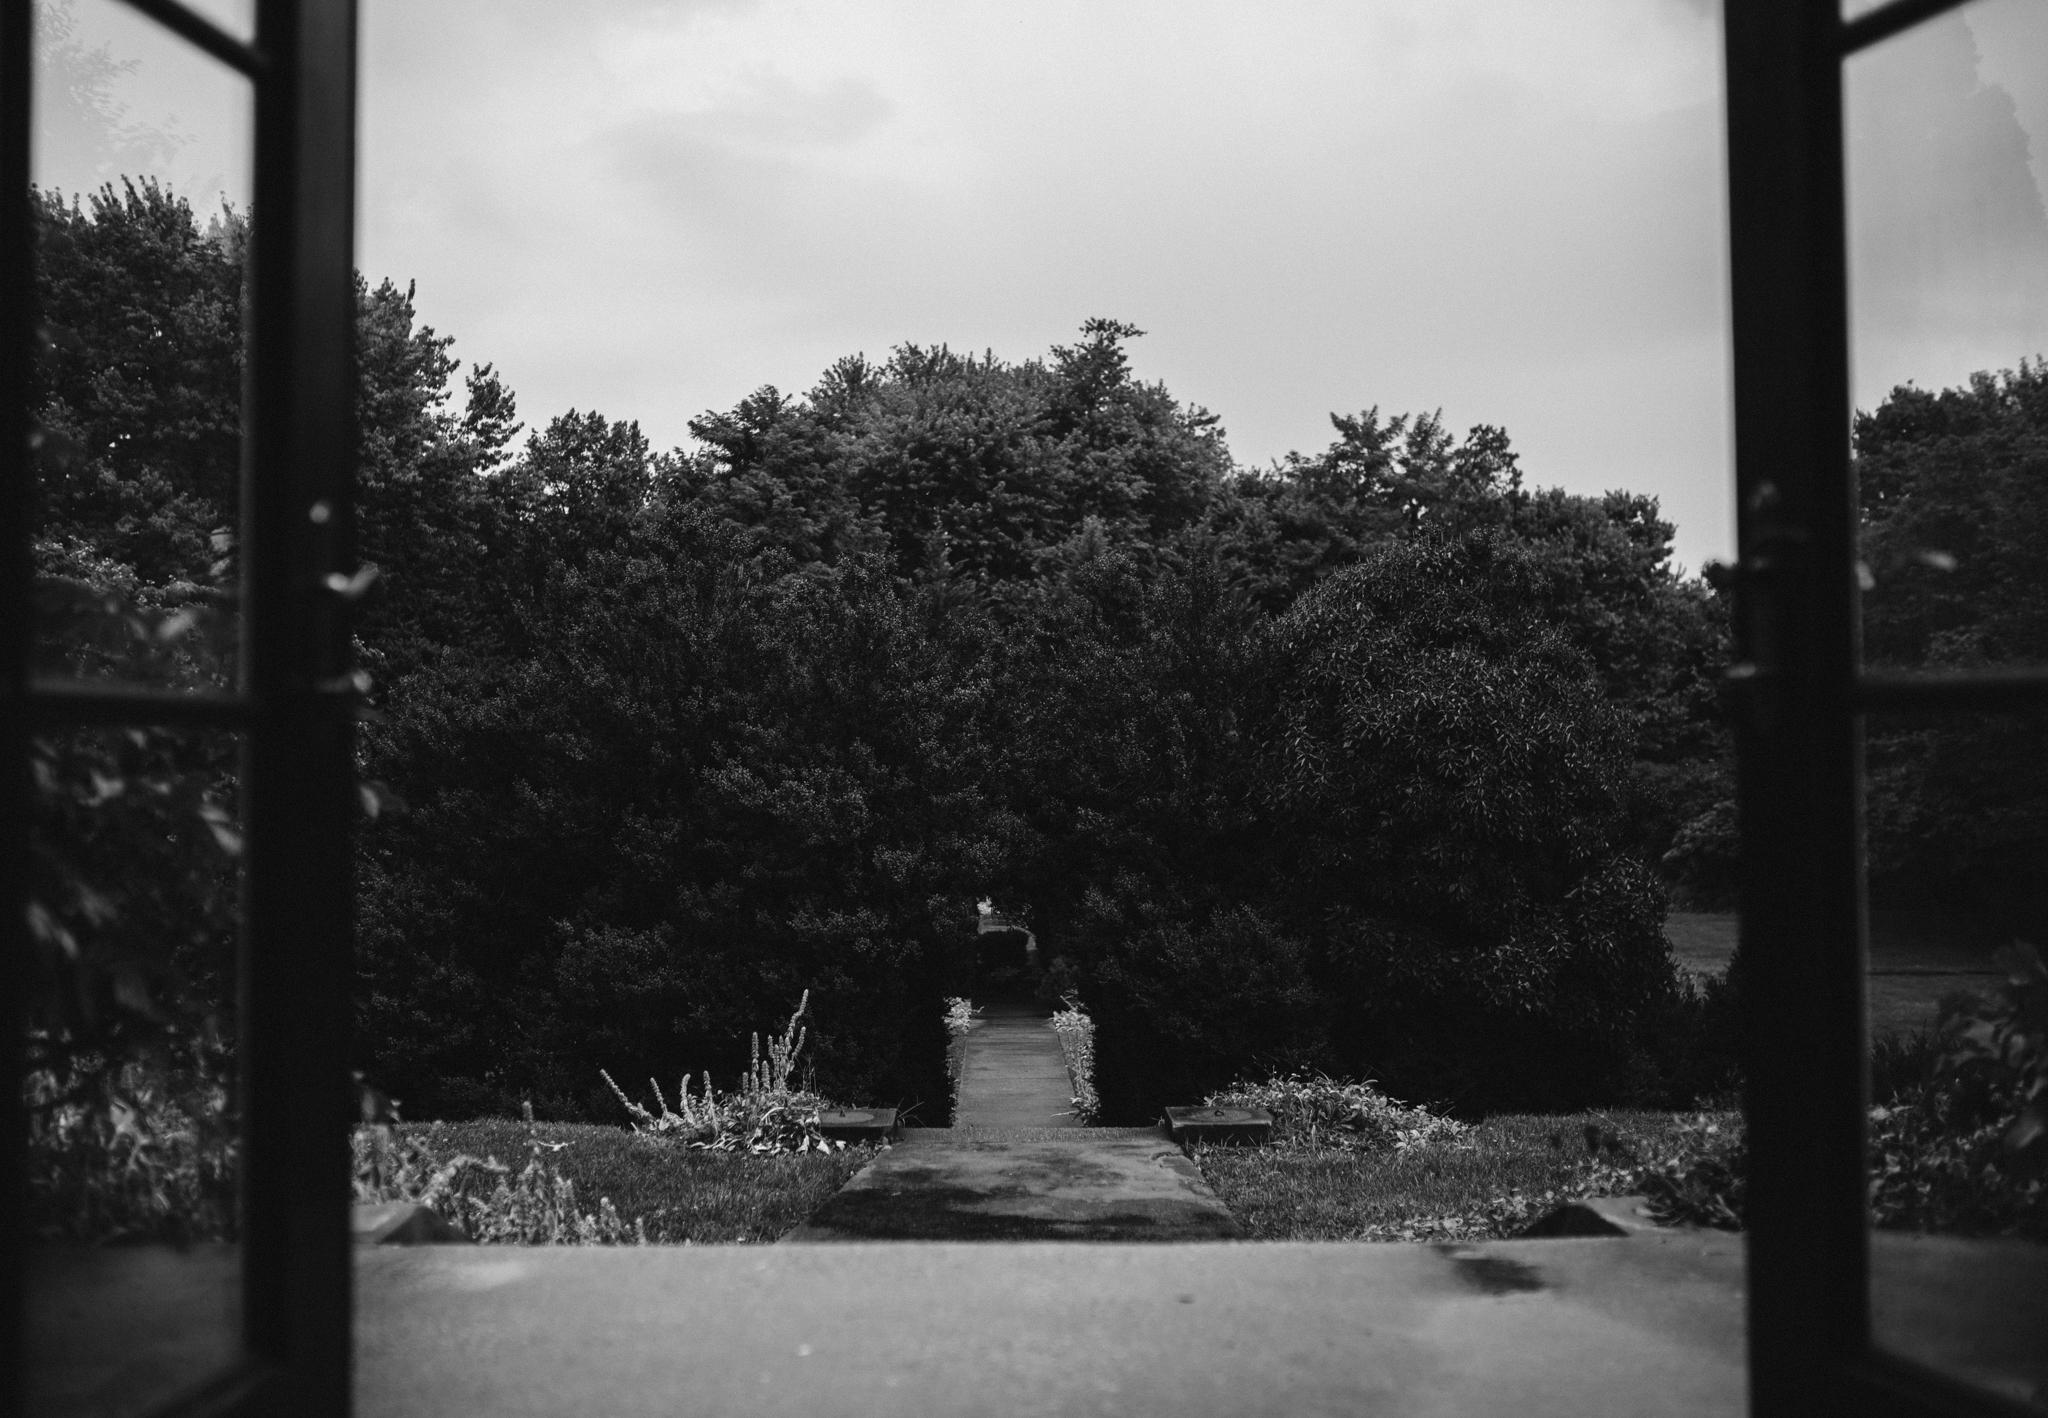 rebeccaburtphotography.raspberryplainmanor.leesburgweddingphotographer-25.JPG